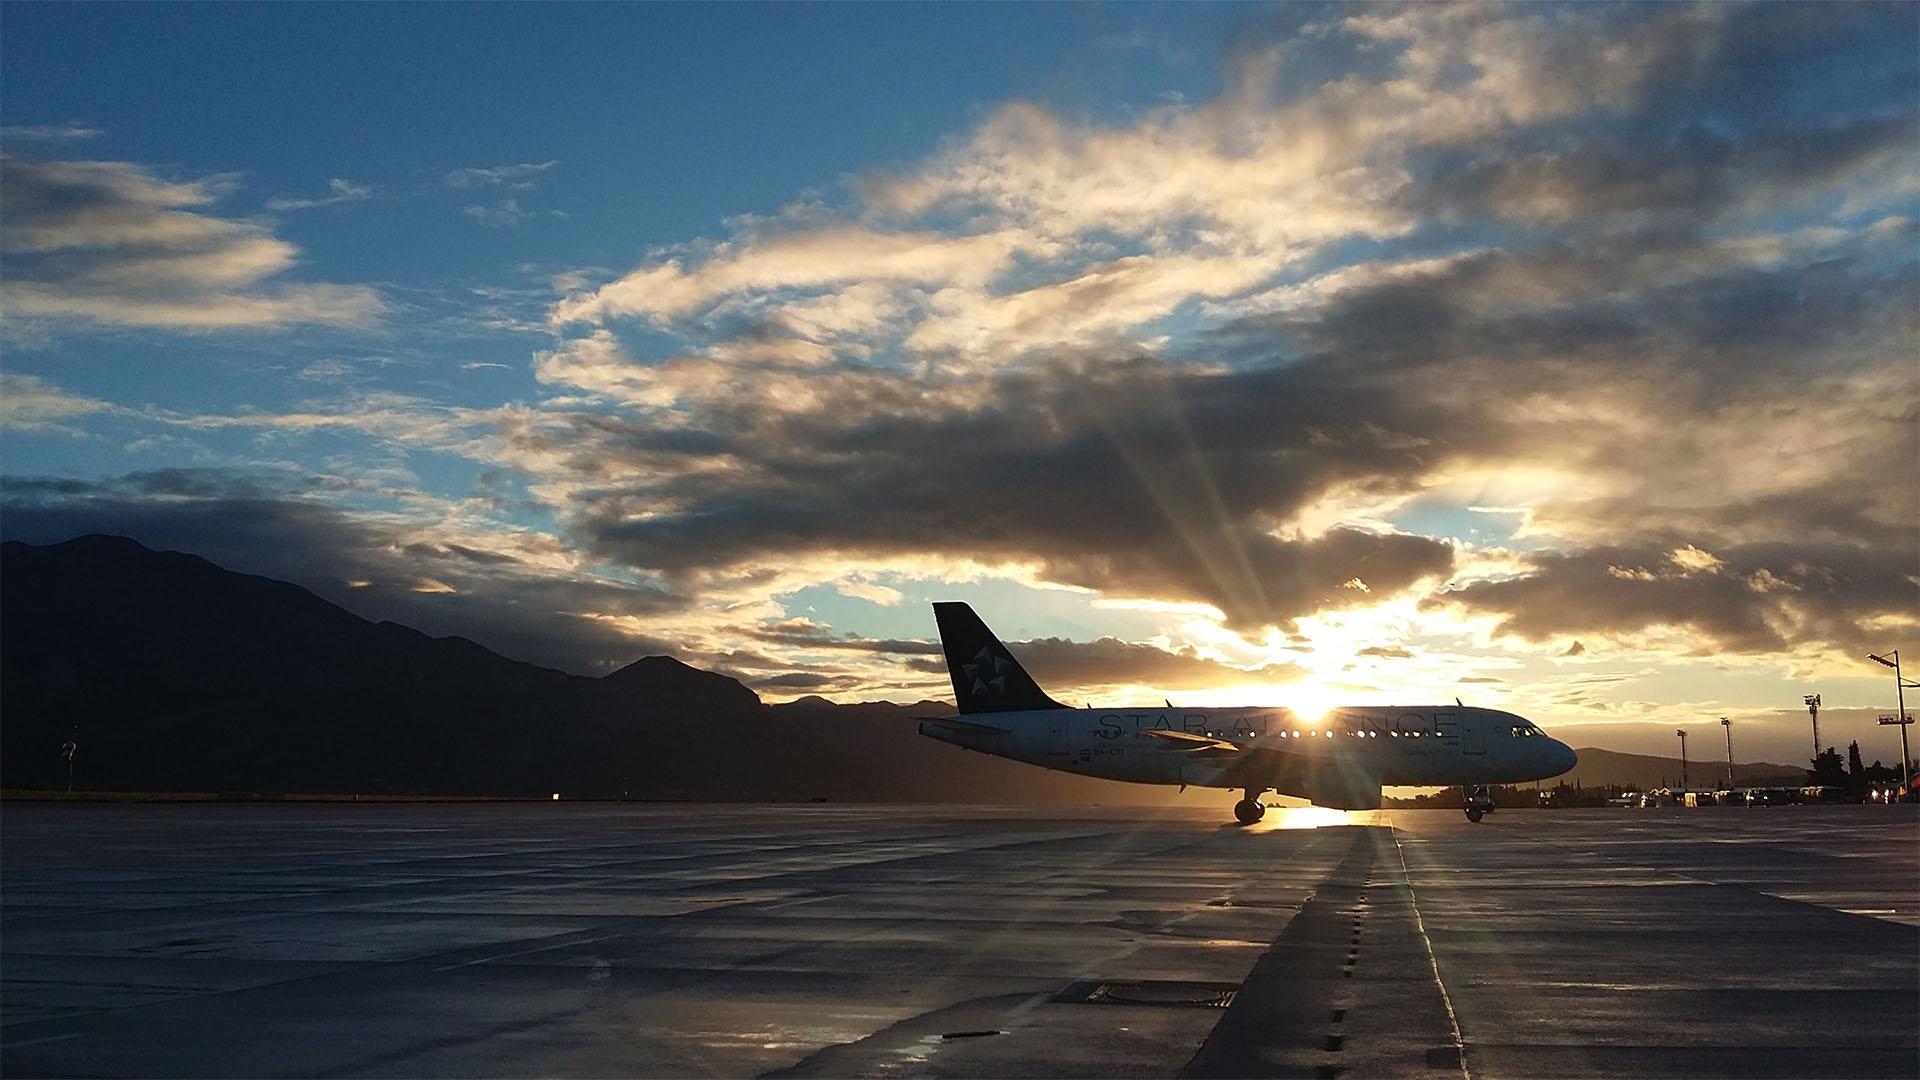 Dalende reiseaktivitet krever økt fokus på reisesikkerhet